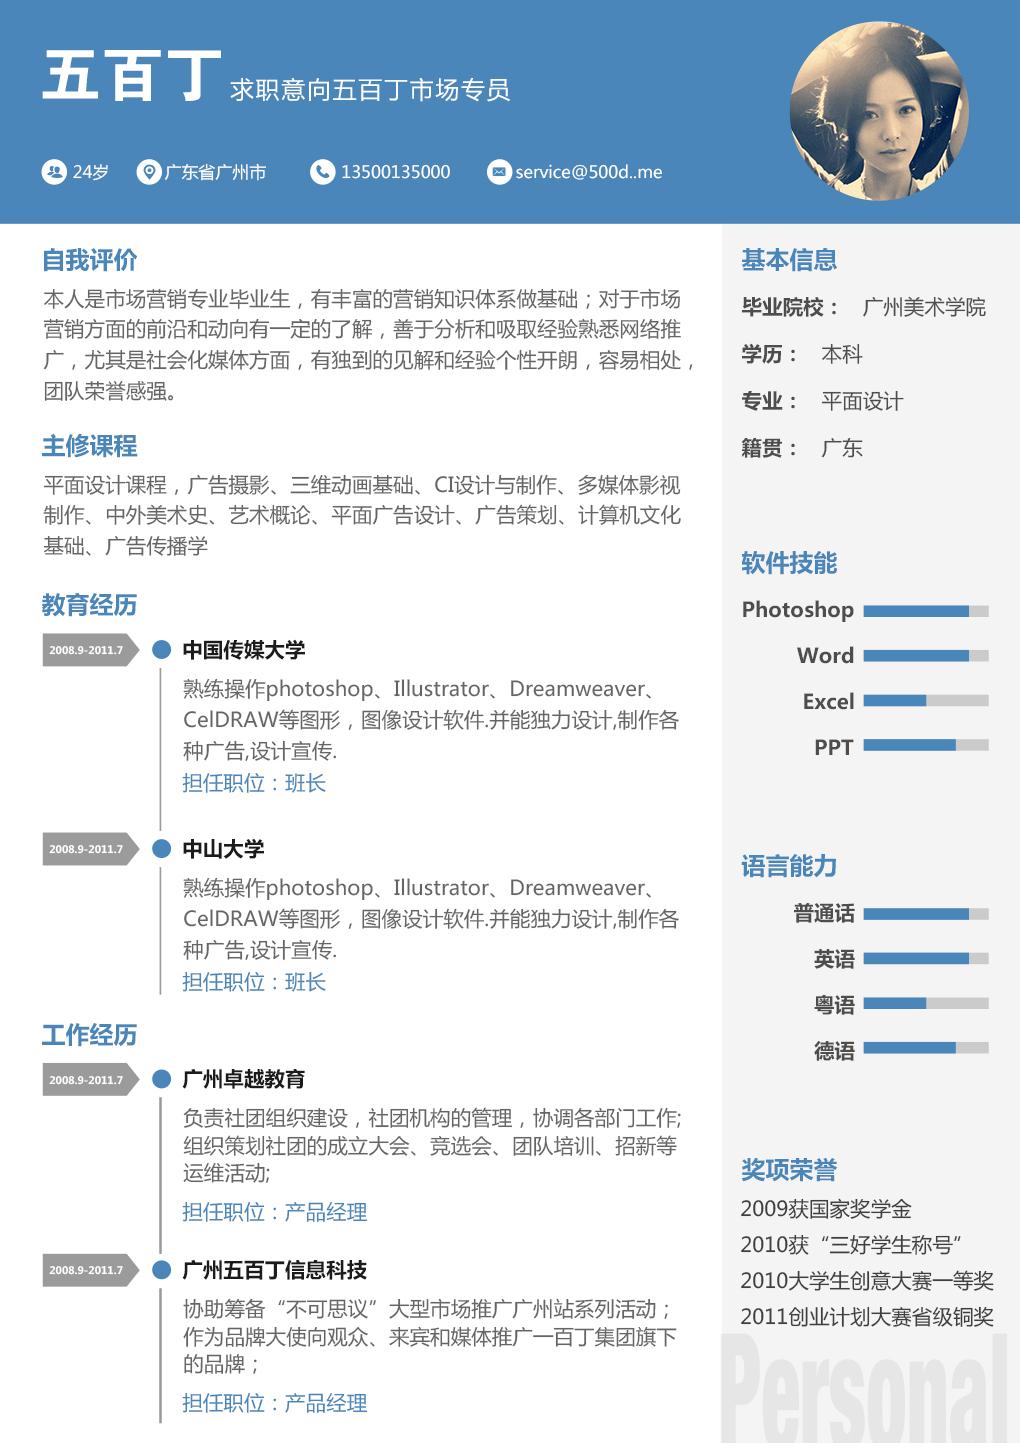 简历模板下载 常规简历模板下载  三种颜色风格 doc,docx,wps三种格式图片